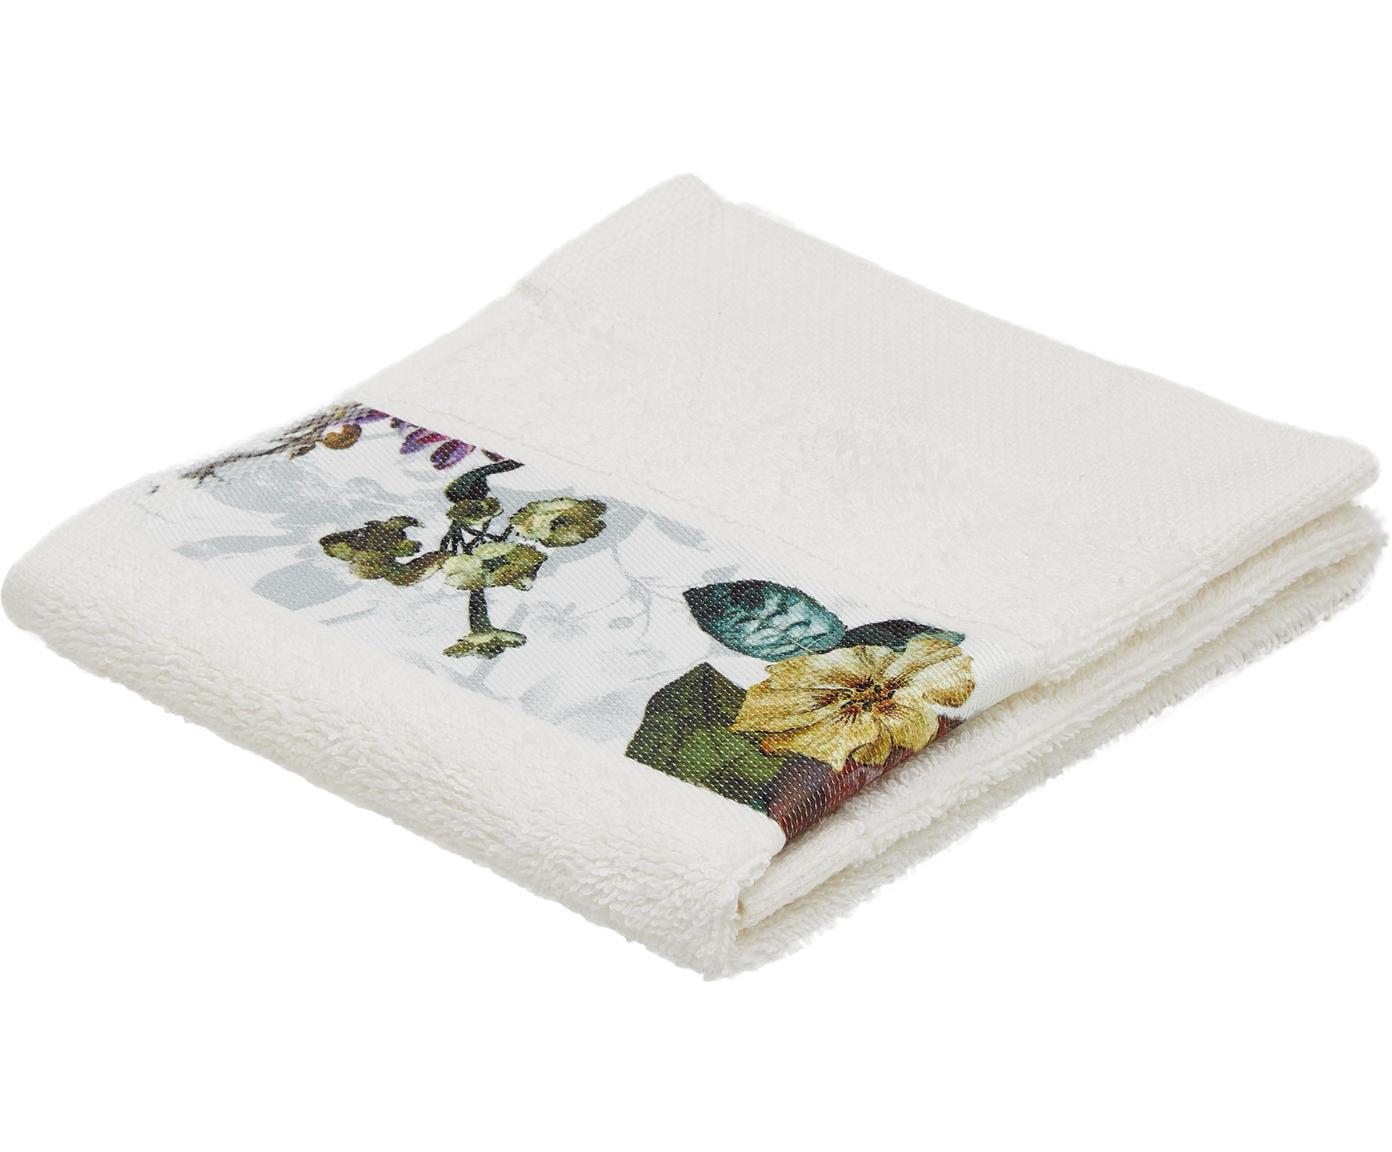 Handtuch Fleur mit Blumen-Bordüre, 97% Baumwolle, 3% Polyester, Cremeweiß, Mehrfarbig, Gästehandtuch